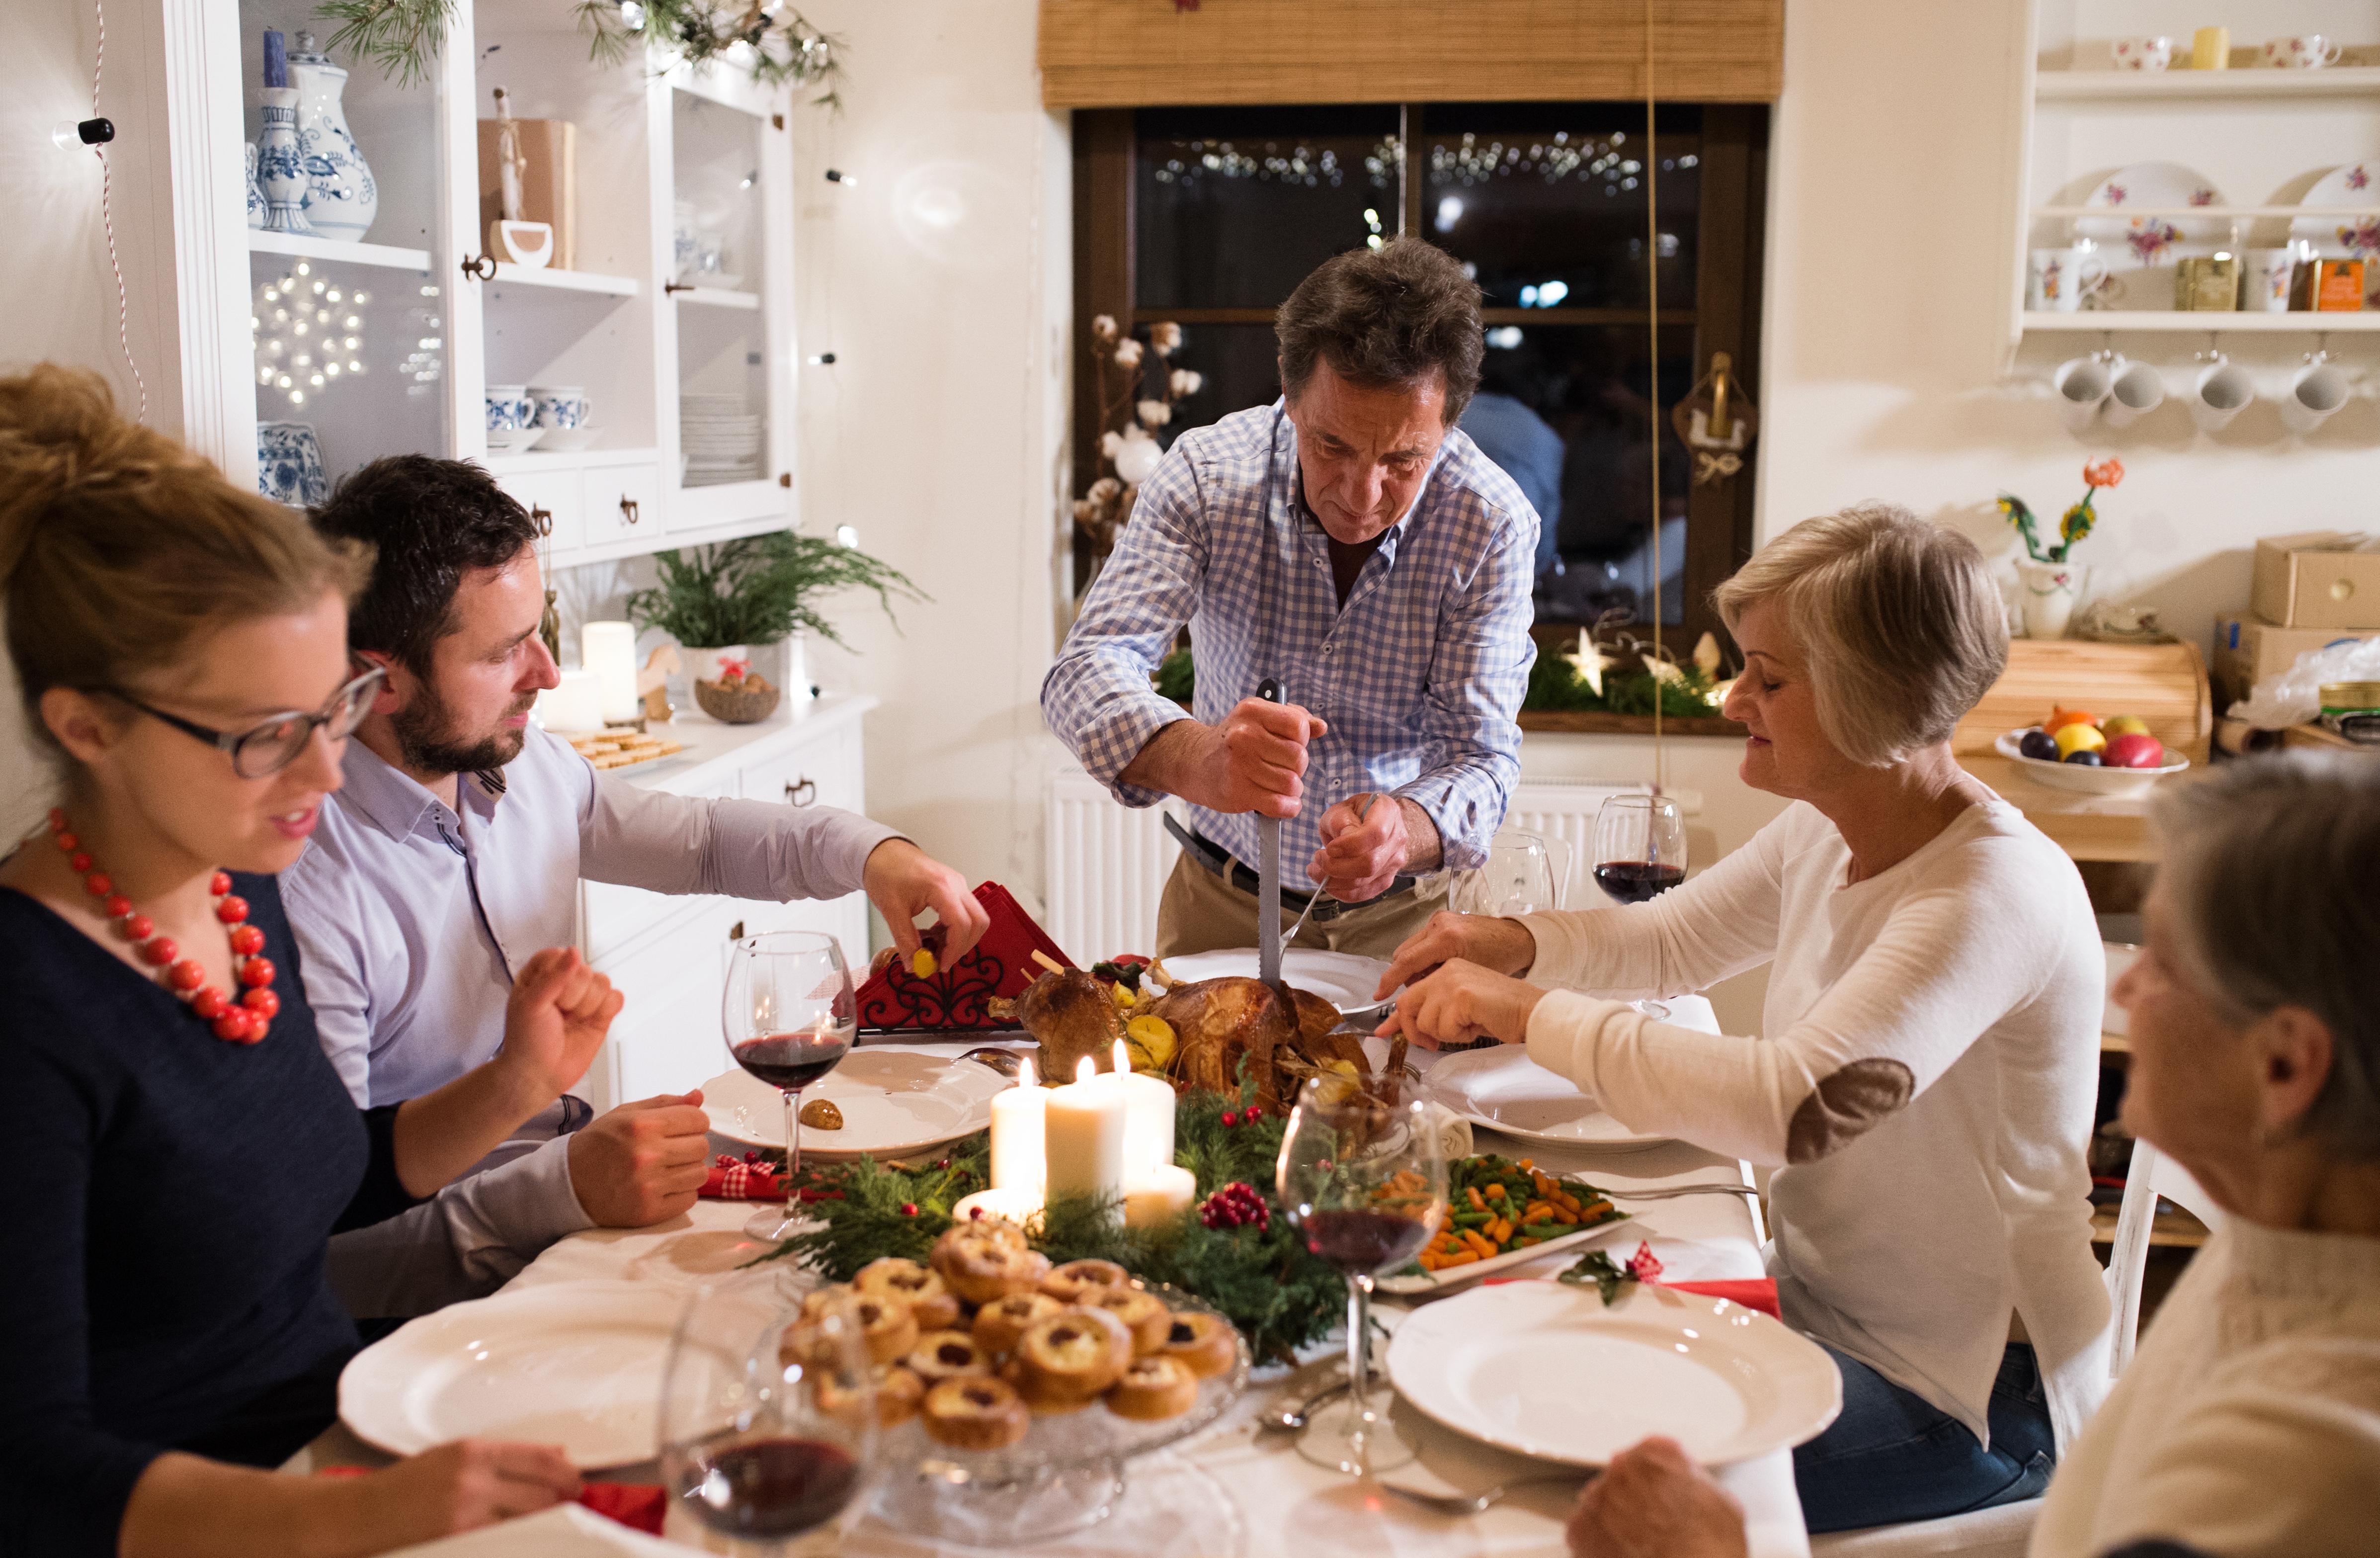 Weihnachtsessen mit der Familie